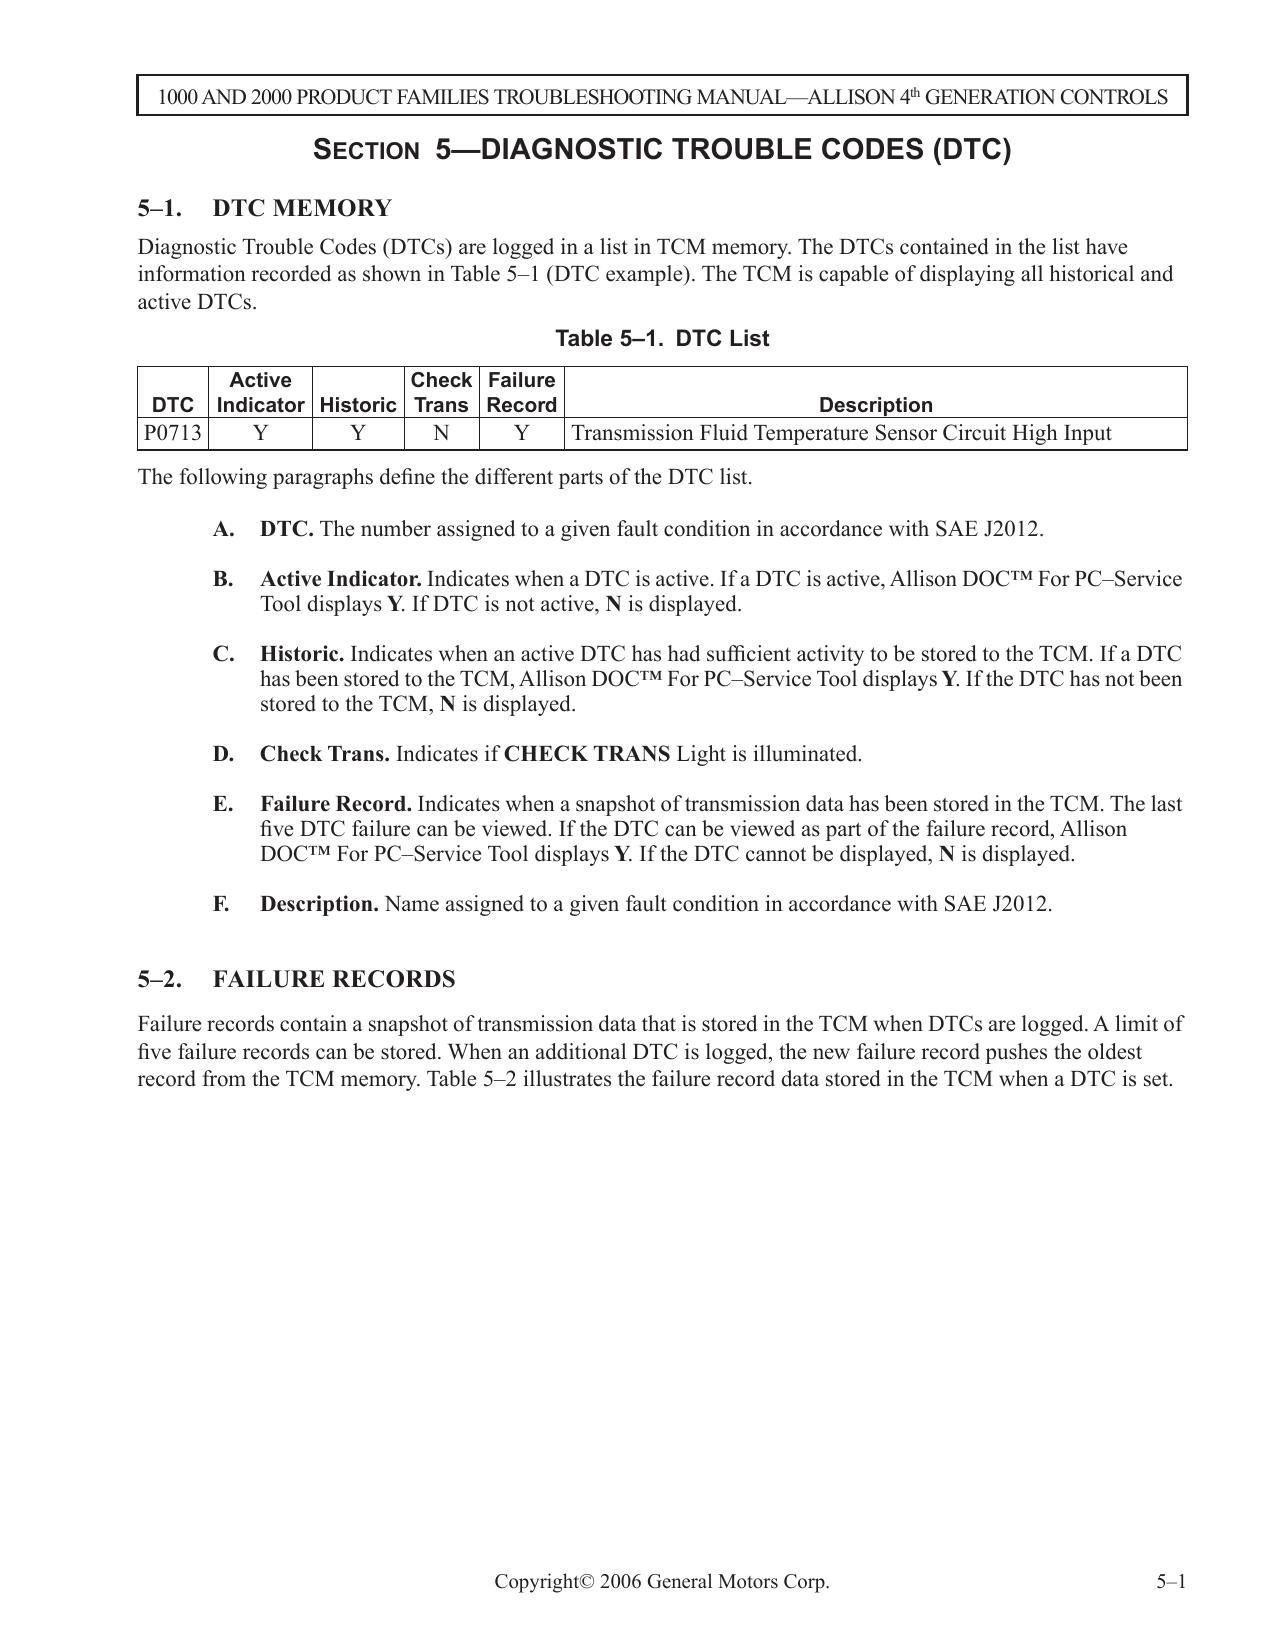 SECTION 5—DIAGNOSTIC TROUBLE CODES (DTC) | manualzz com